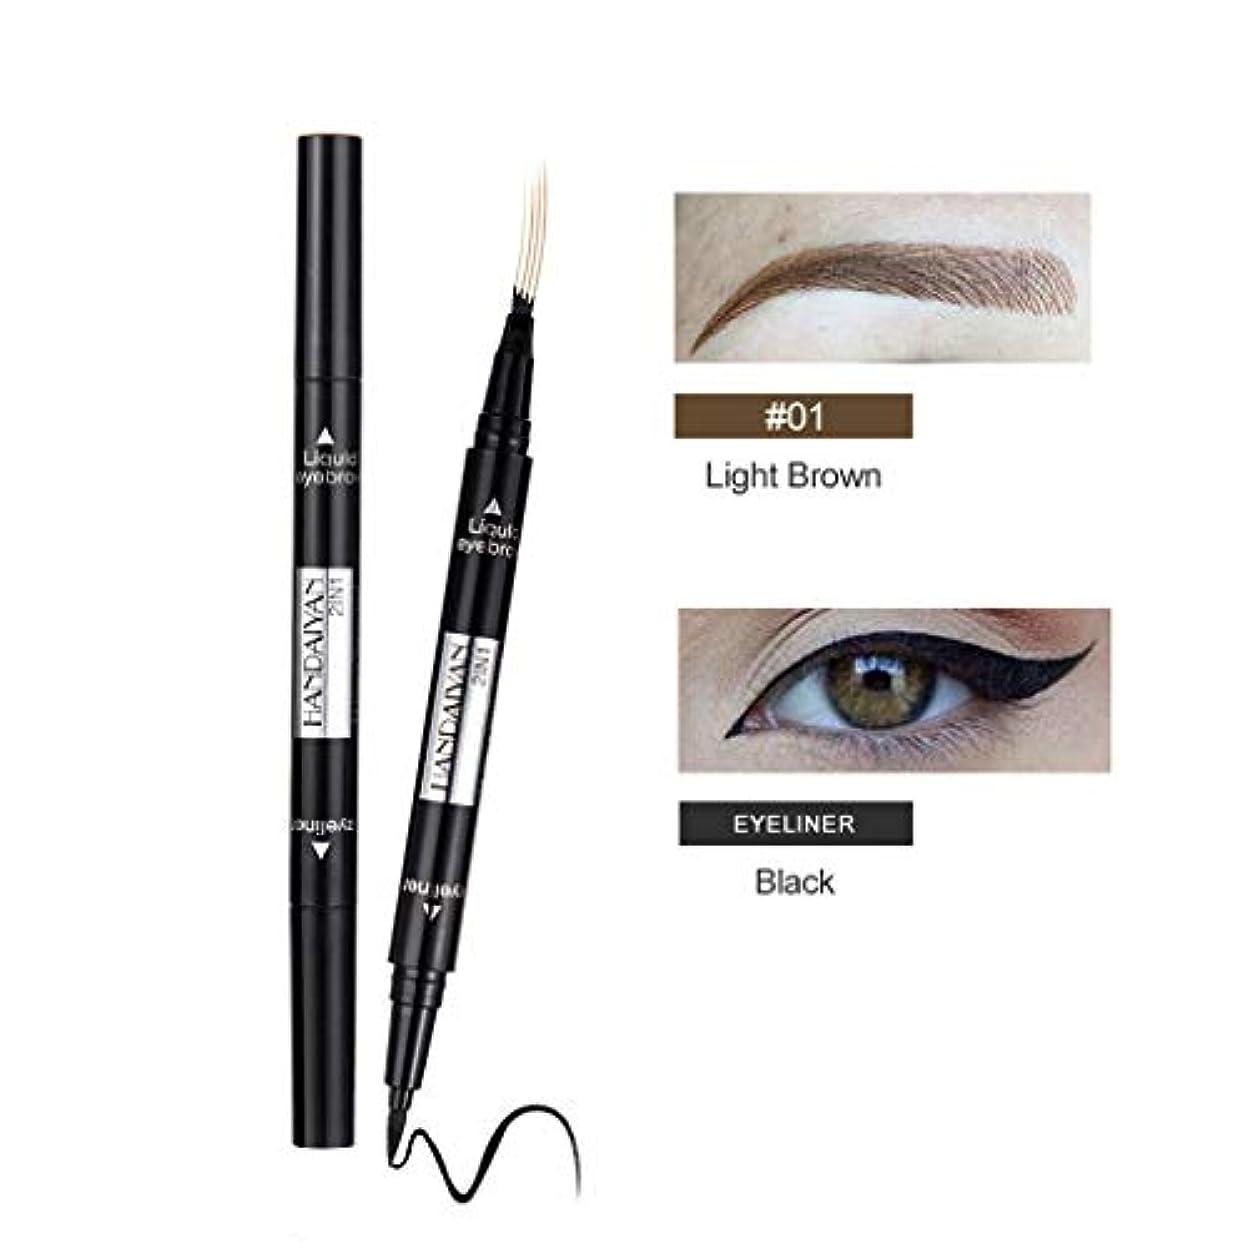 ポジションスノーケルマーキング眉毛の入れ墨のペンの防水フォークの先端のスケッチの化粧ペンのMicrobladingインクスケッチ